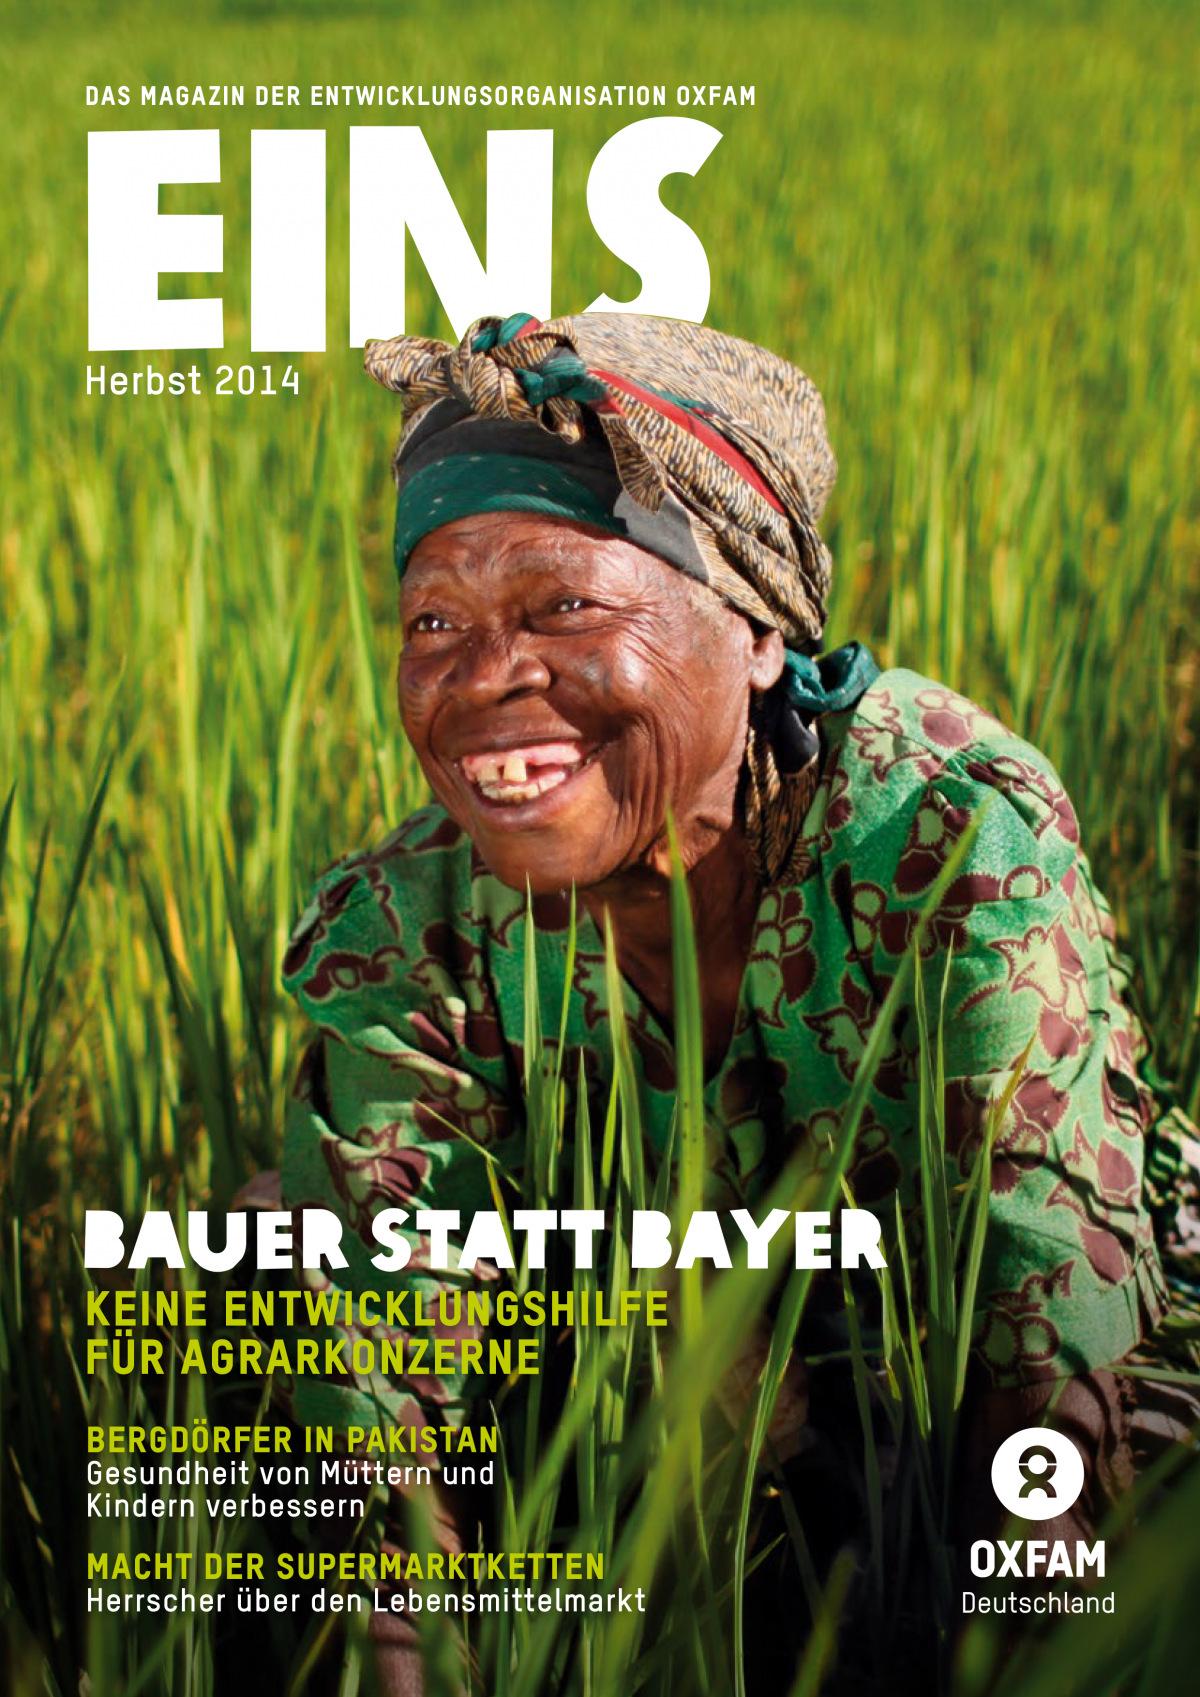 Titelbild vom Oxfam-Magazin EINS (Herbst 2014)